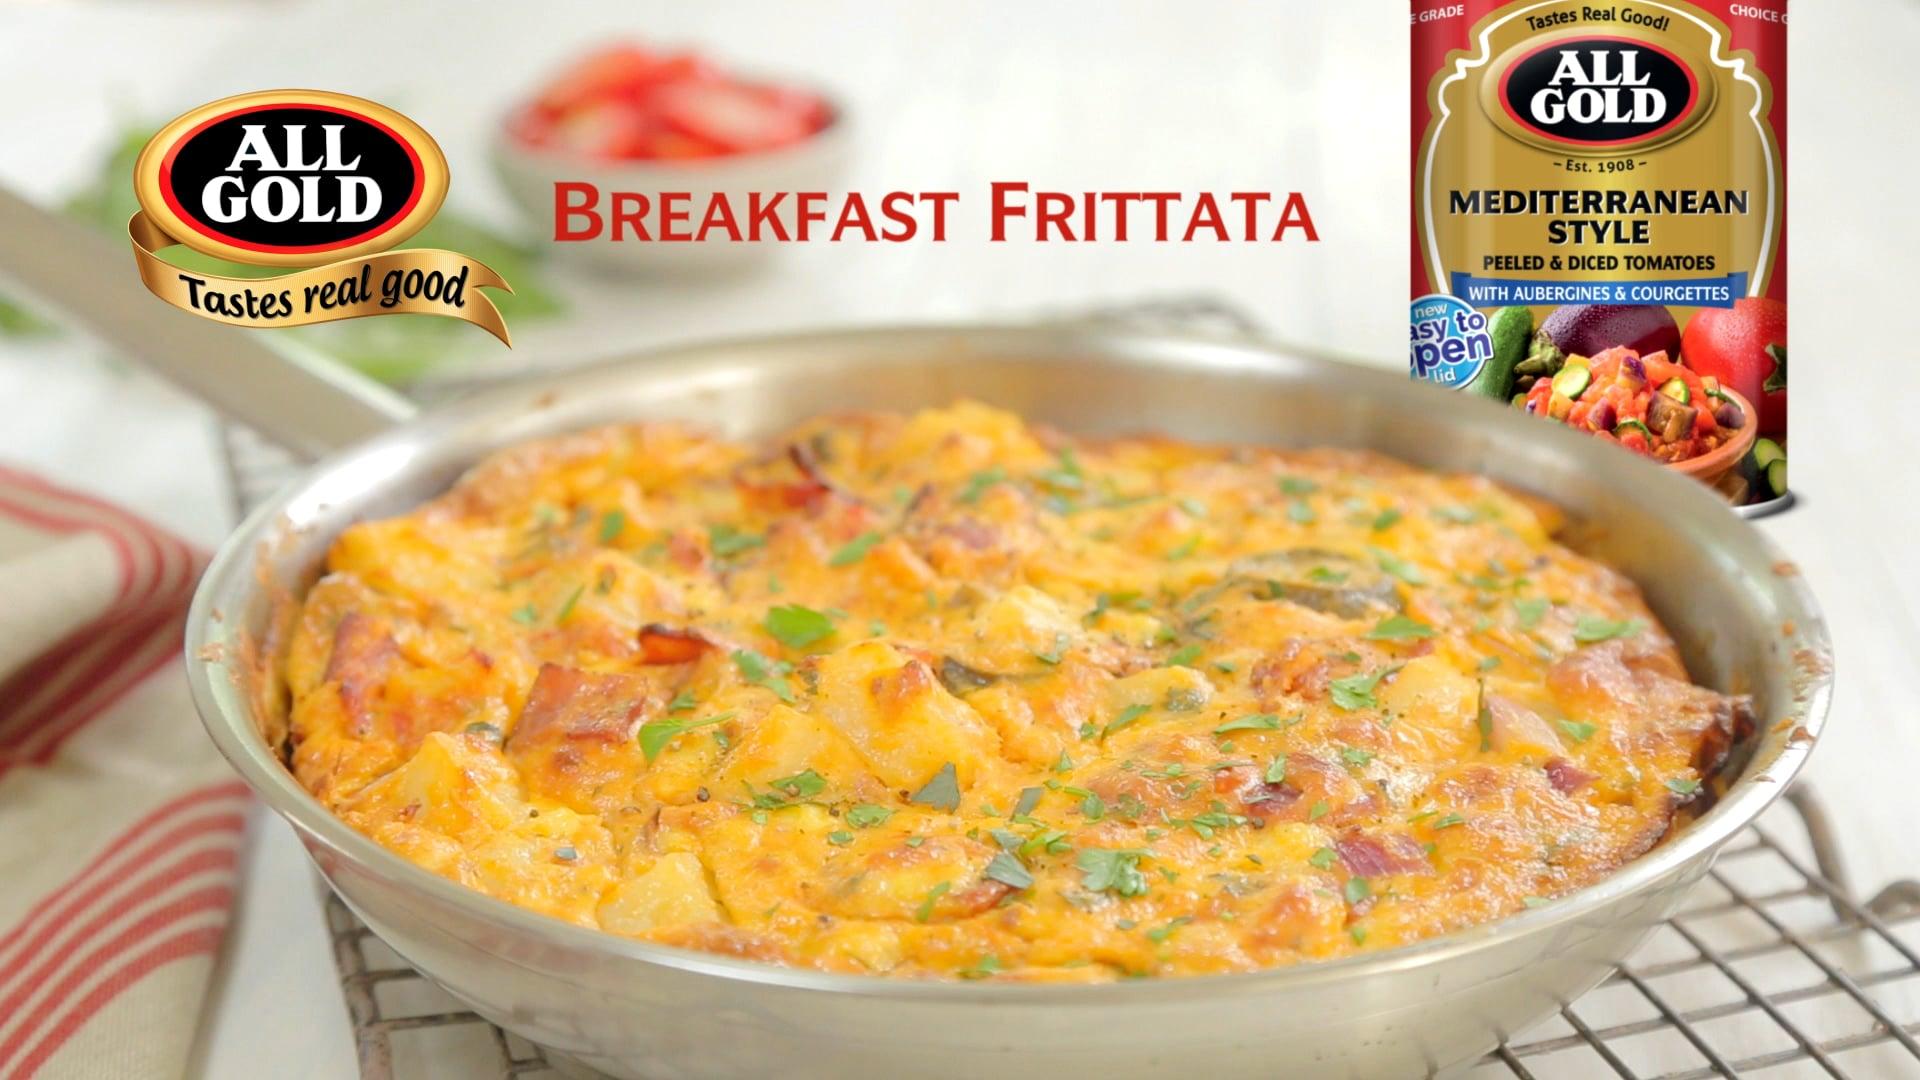 All Gold Breakfast Frittata